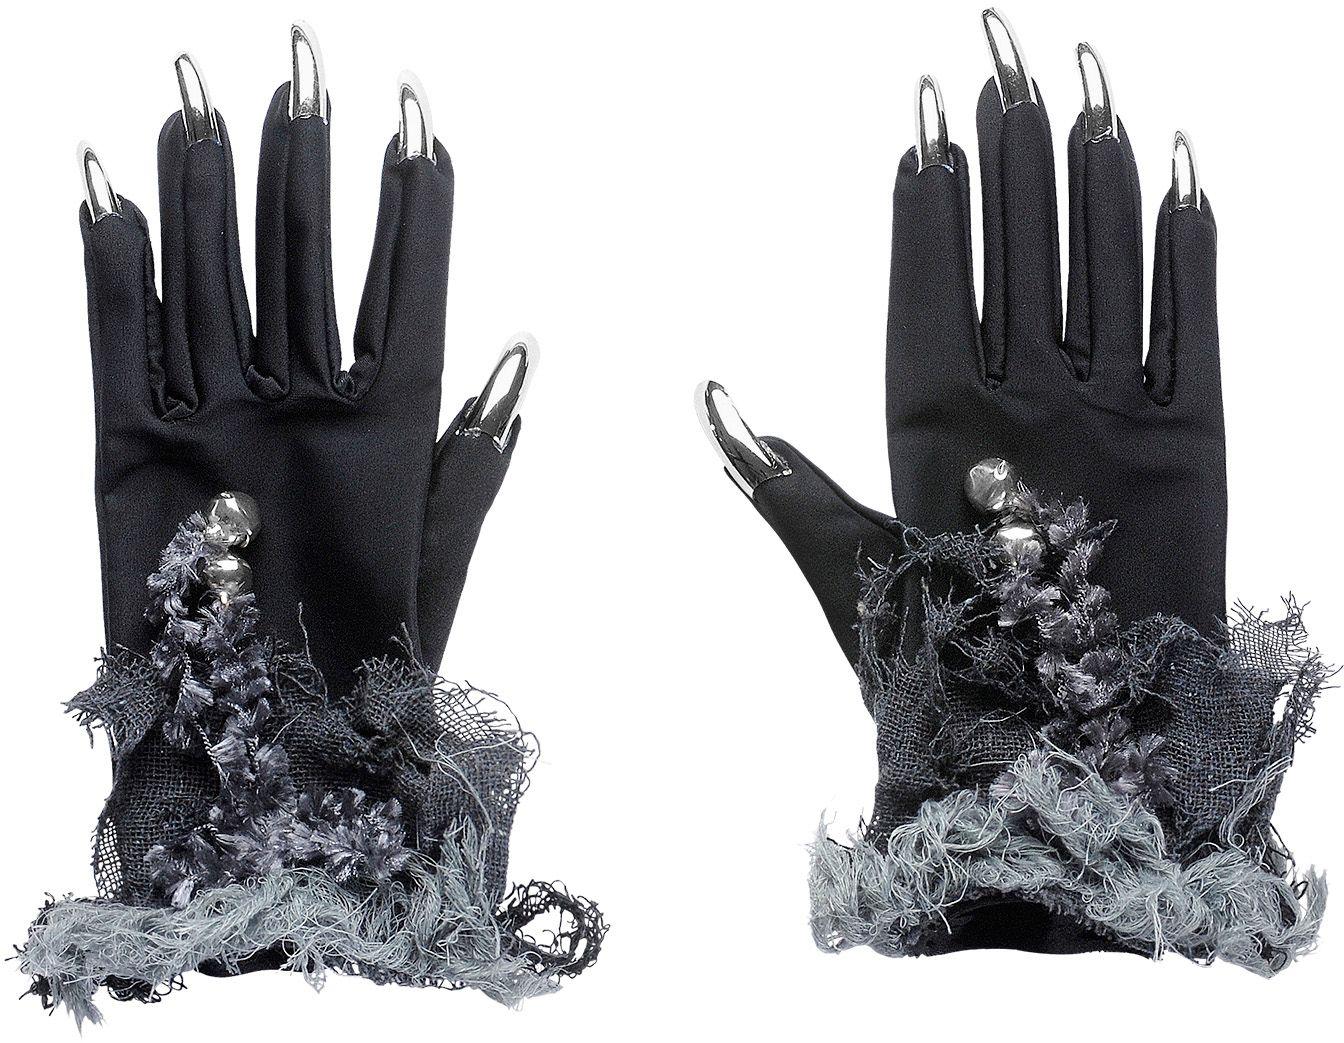 Zwarte katten handschoenen met nagels